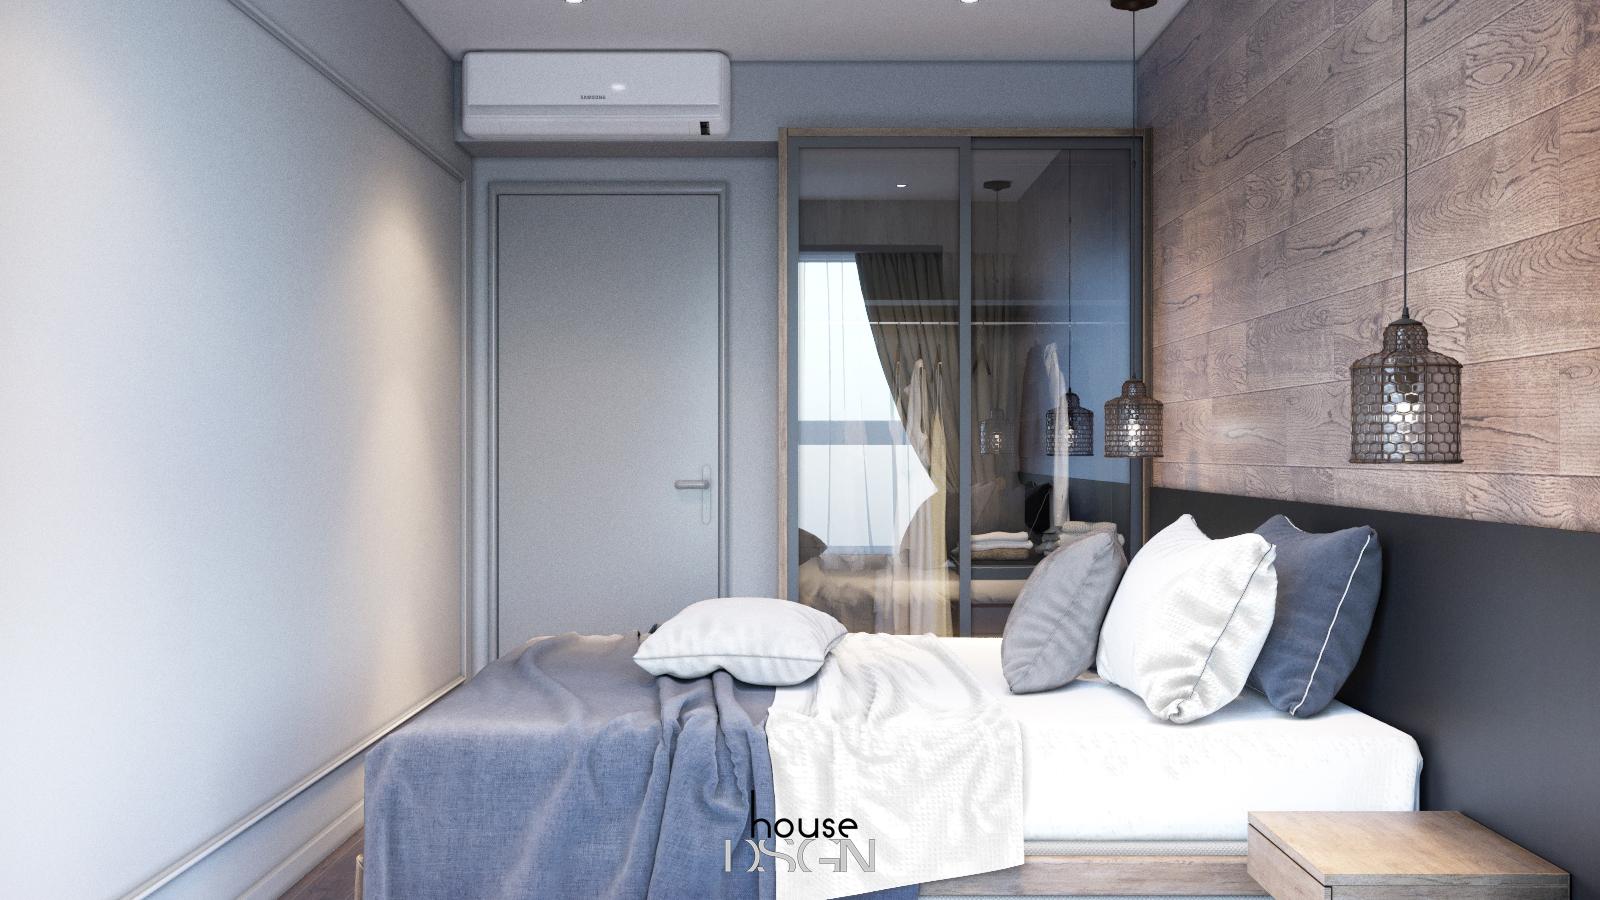 thiết kế phong cách đồng quê cho phòng ngủ đẹp